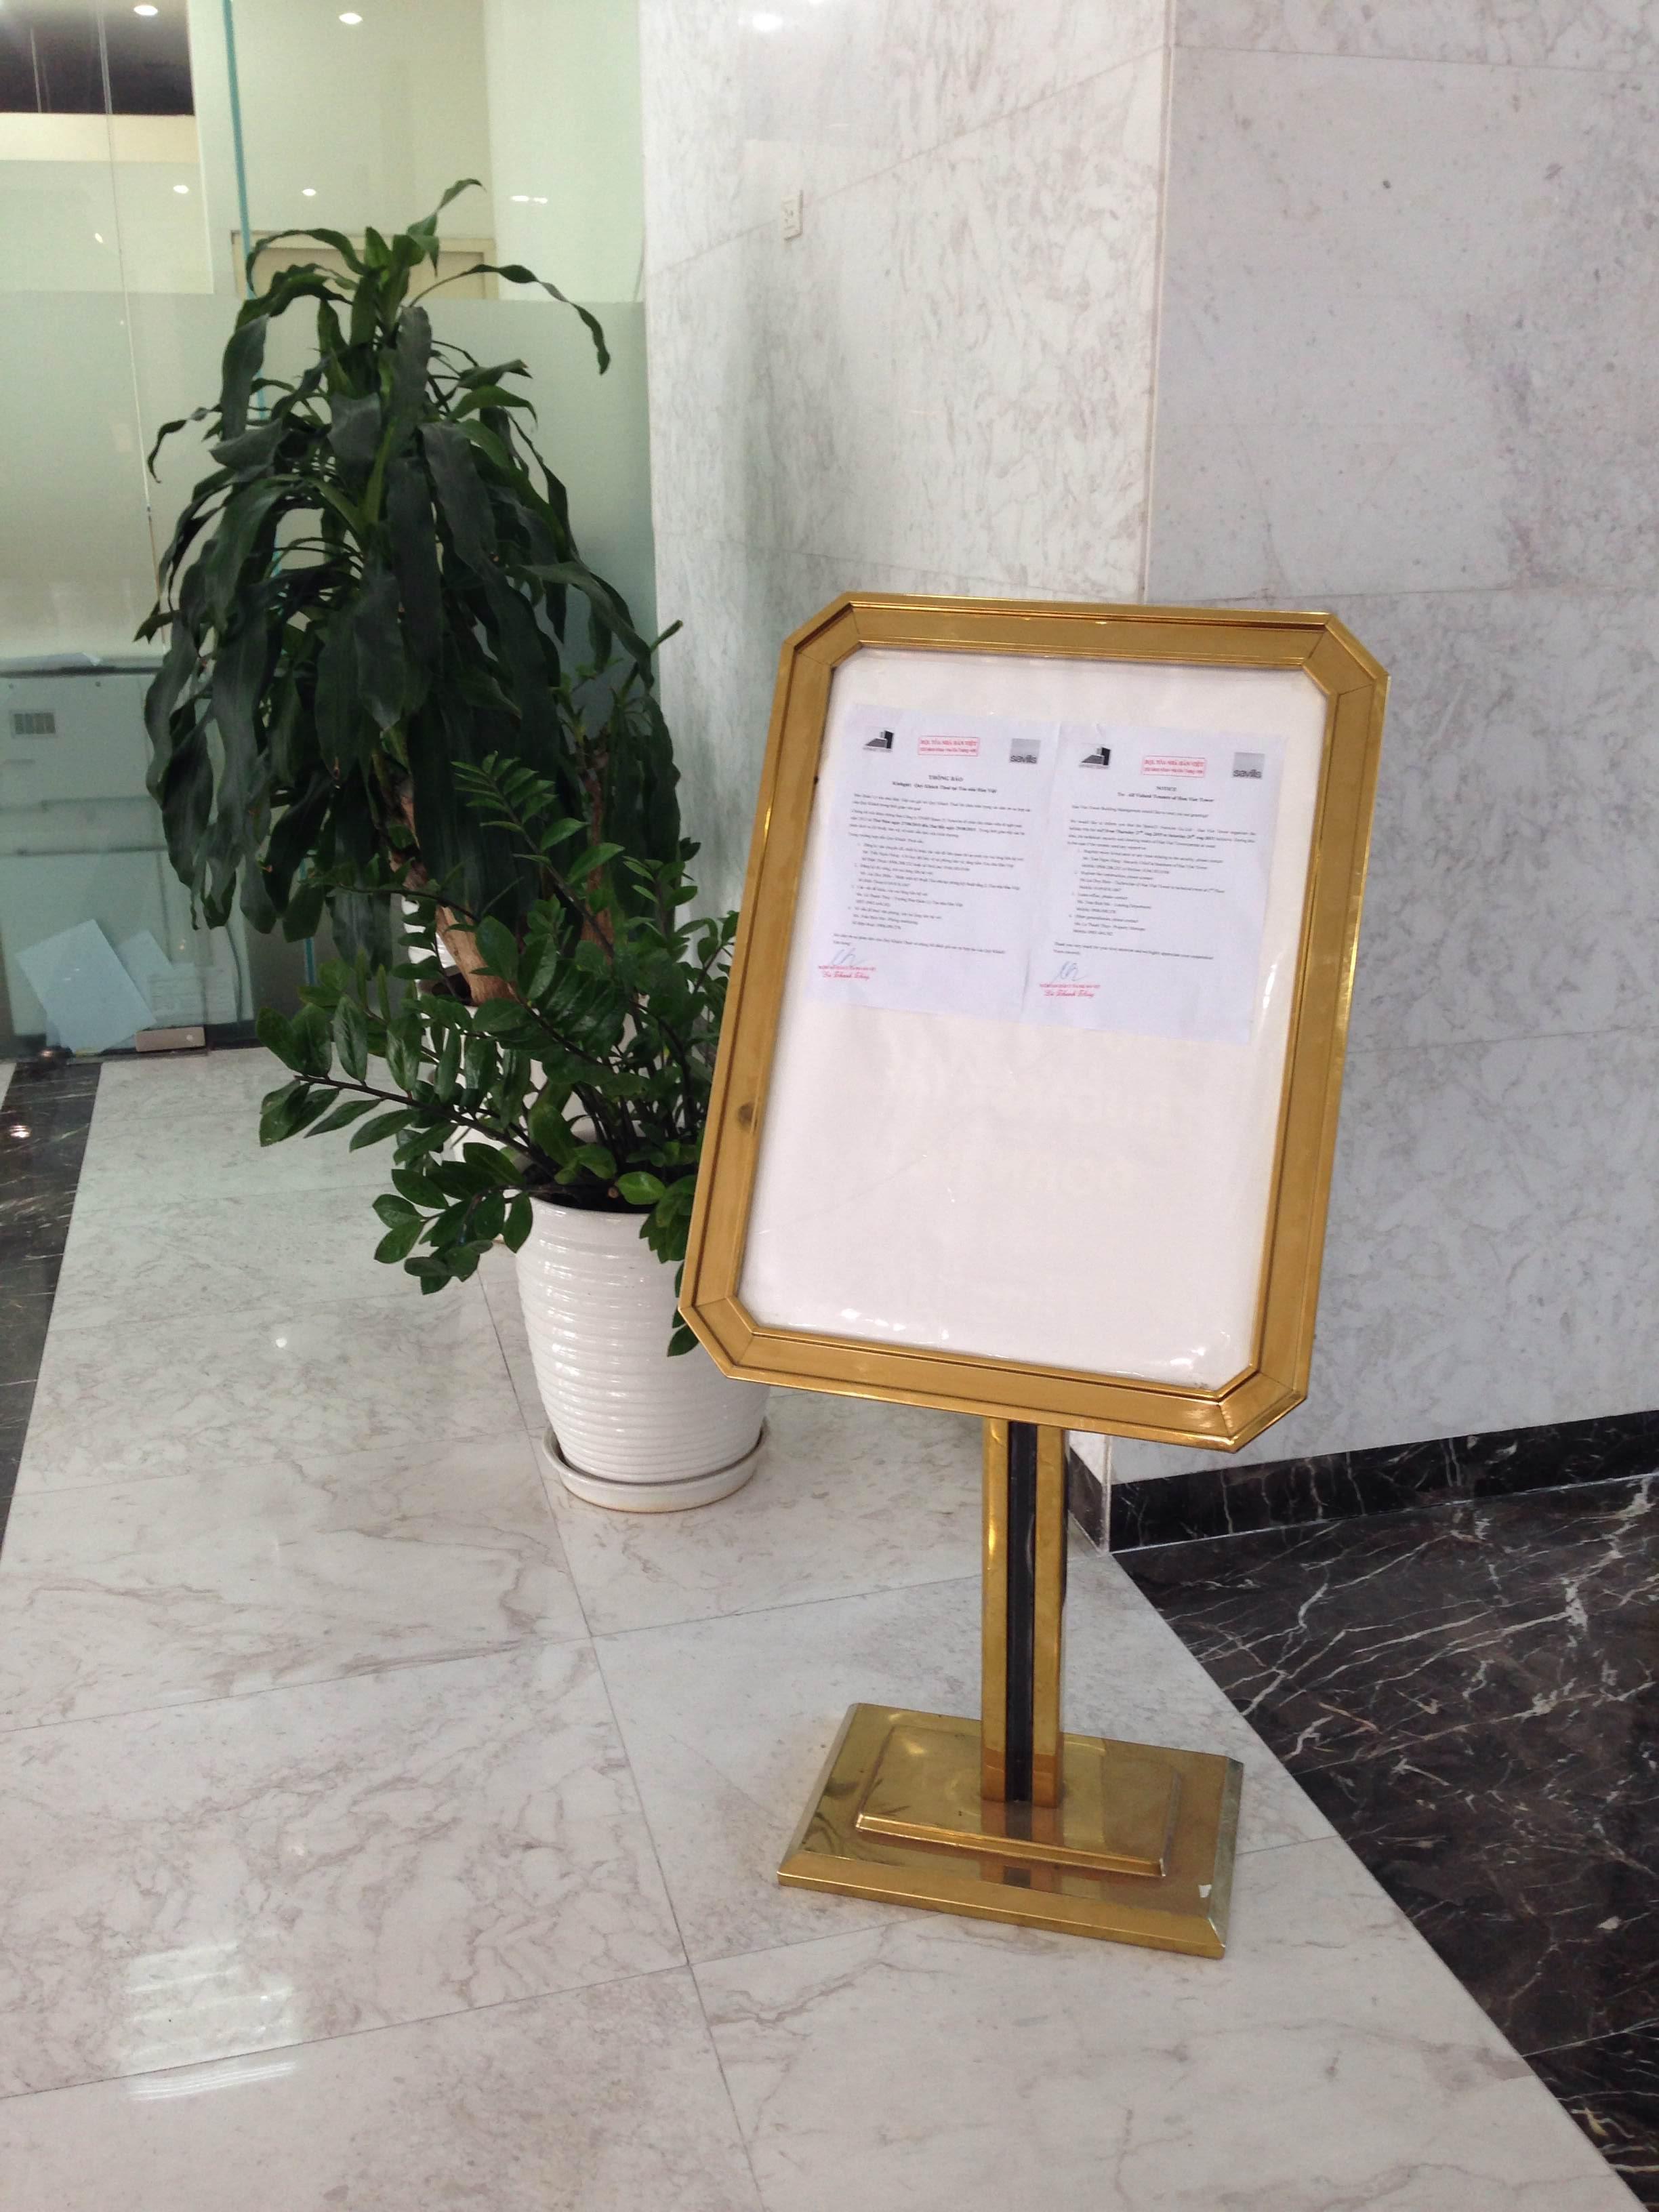 Bảng chào đặt ở sảnh tòa nhà khách sạn